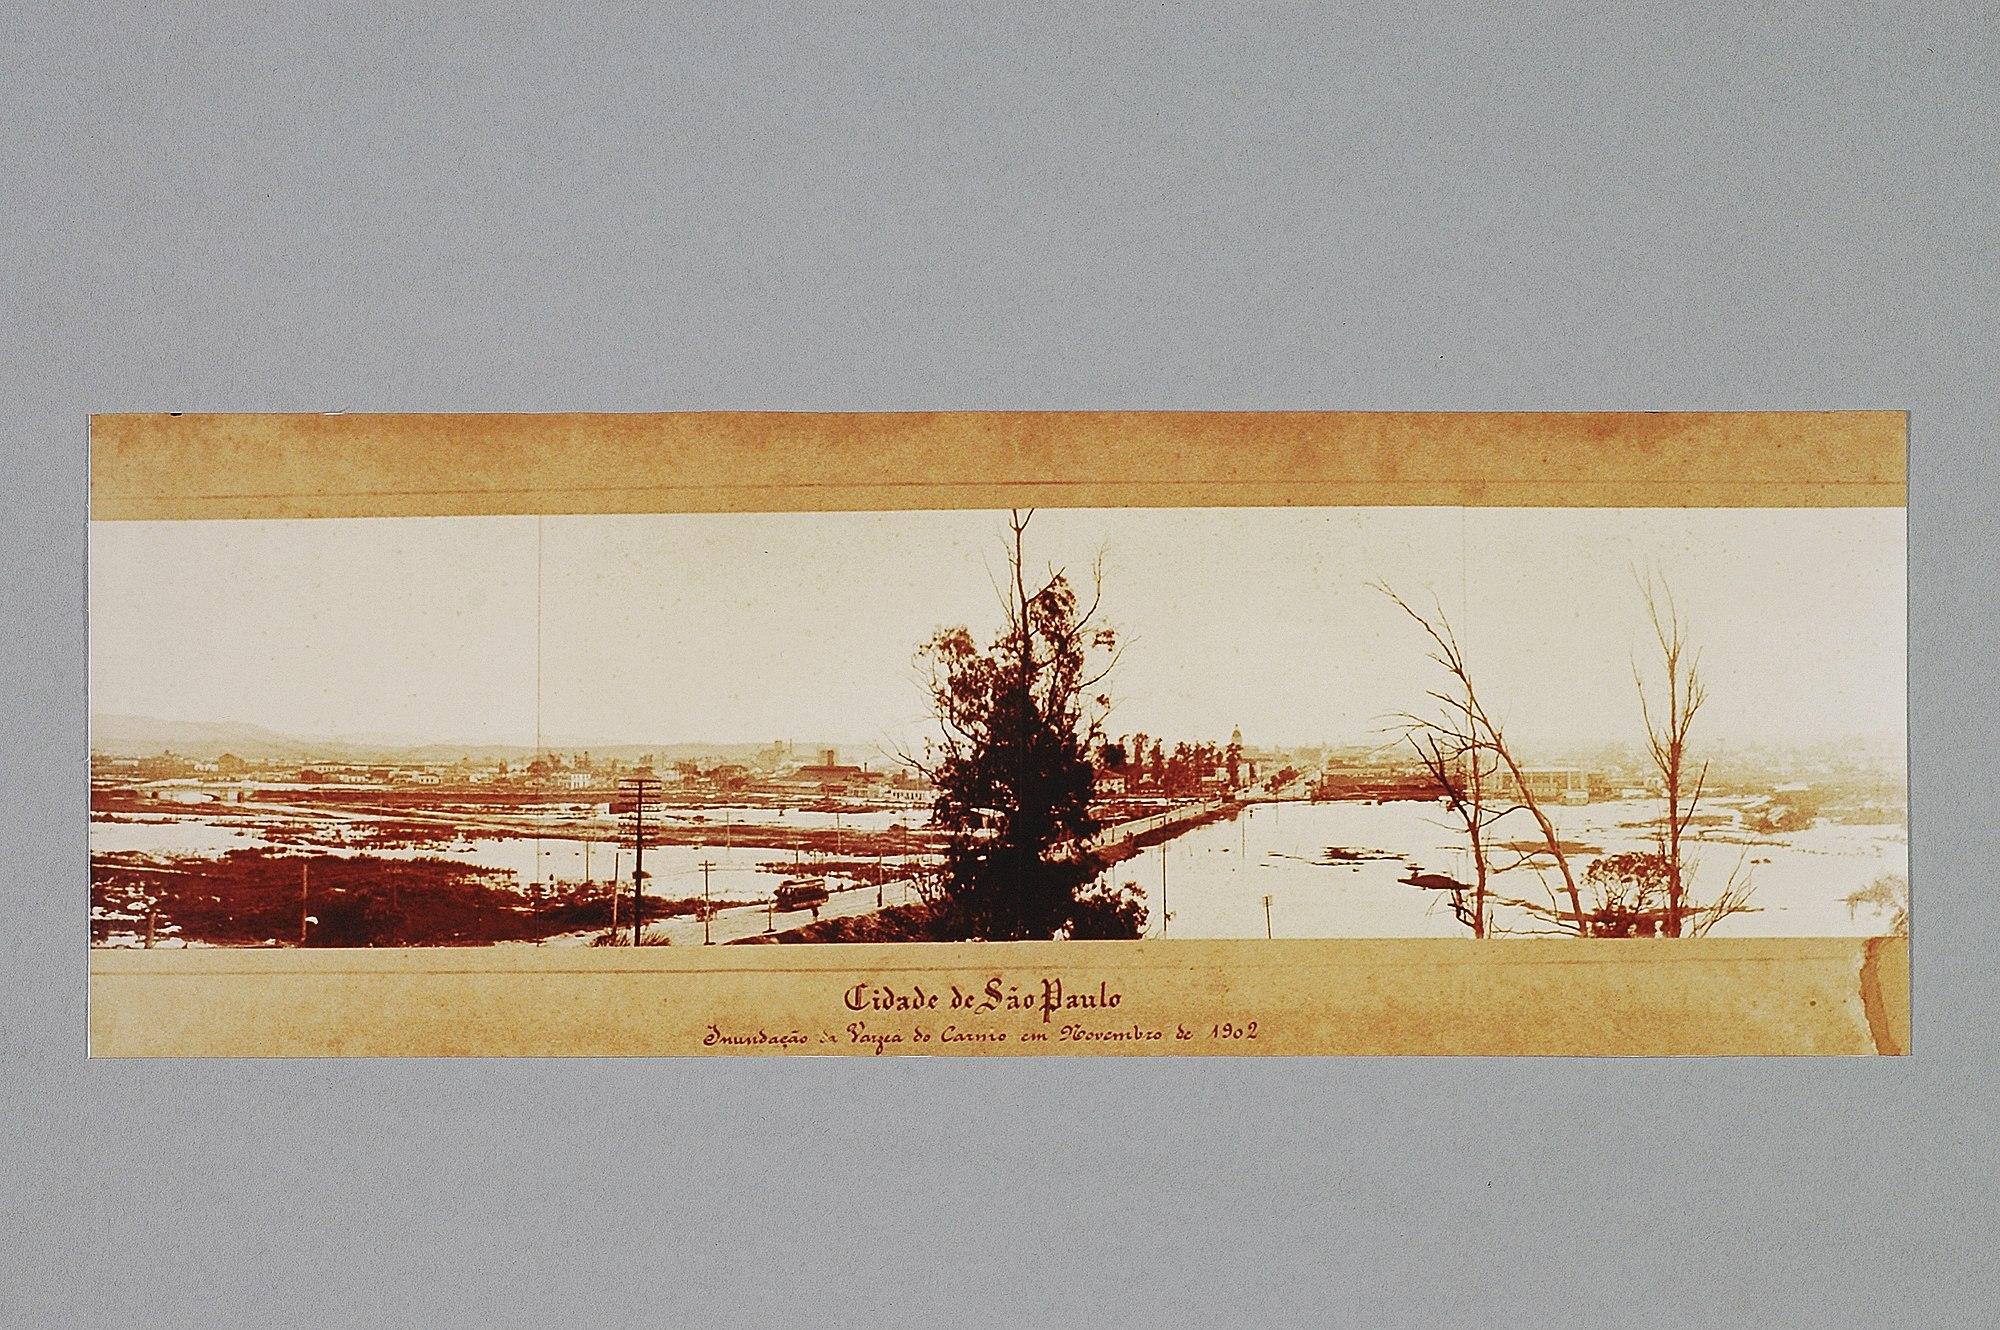 Cidade de São Paulo - Inundação da Varzea do Carmo em Novembro de 1902